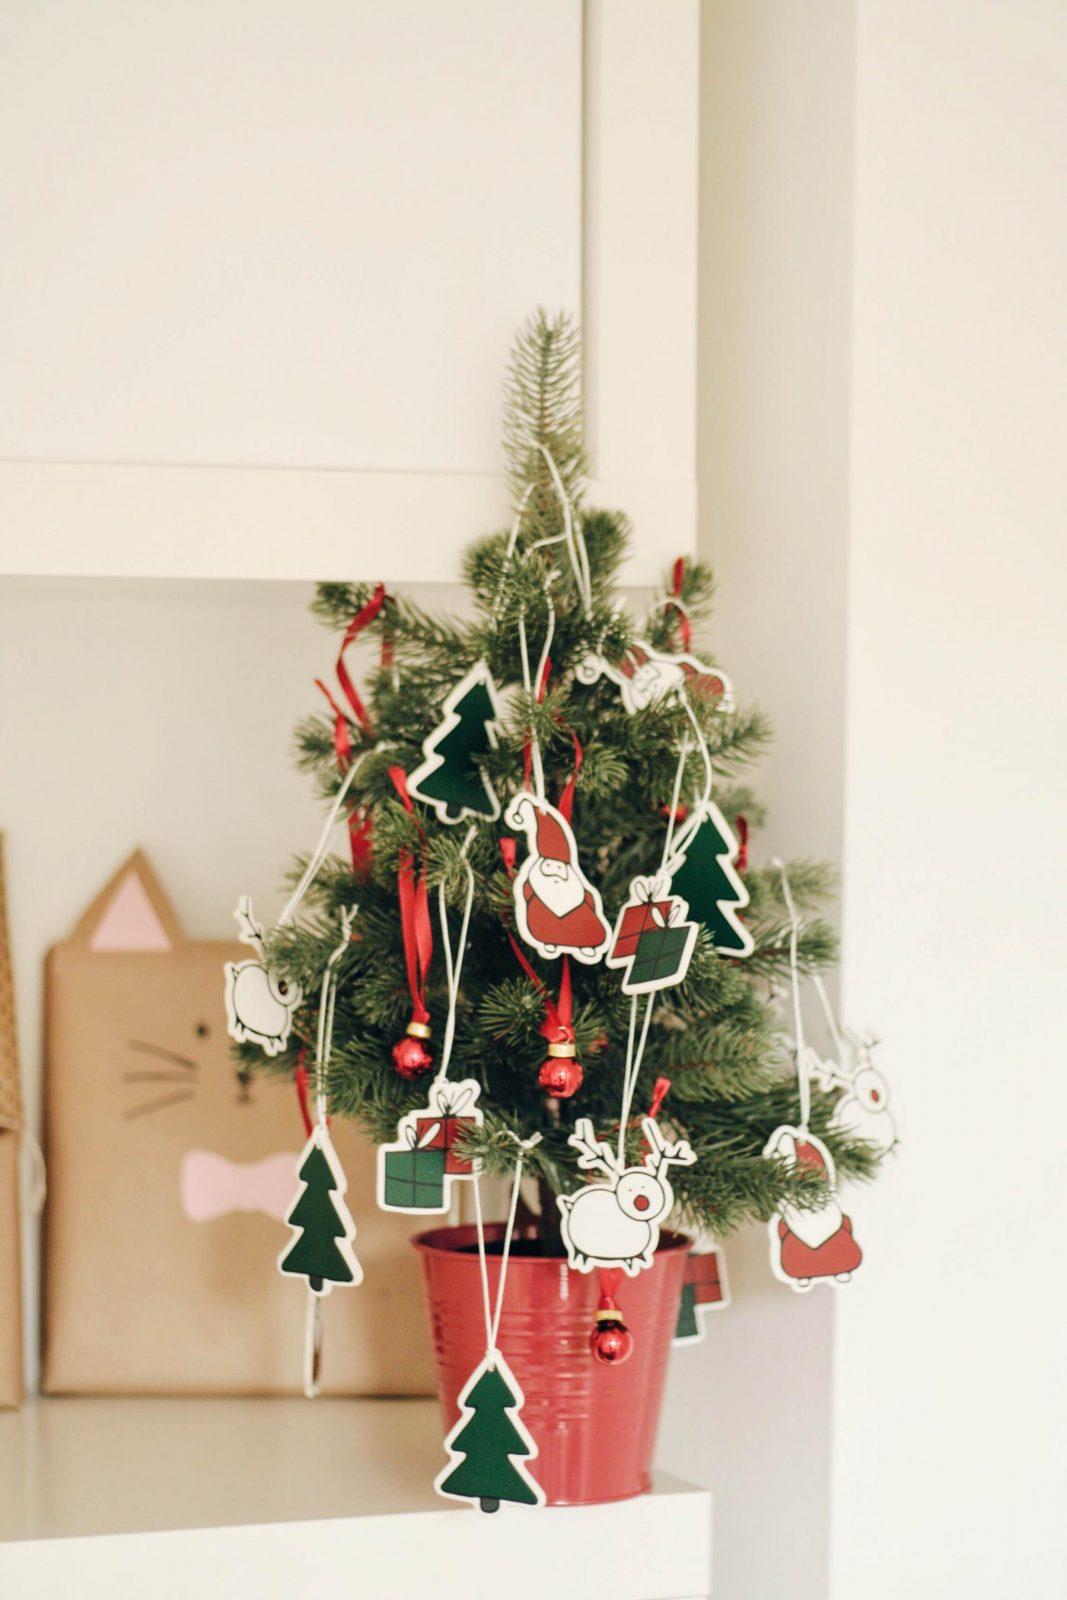 ikea hack adventskalender pinterest geschenkverpackung pinspiration. Black Bedroom Furniture Sets. Home Design Ideas